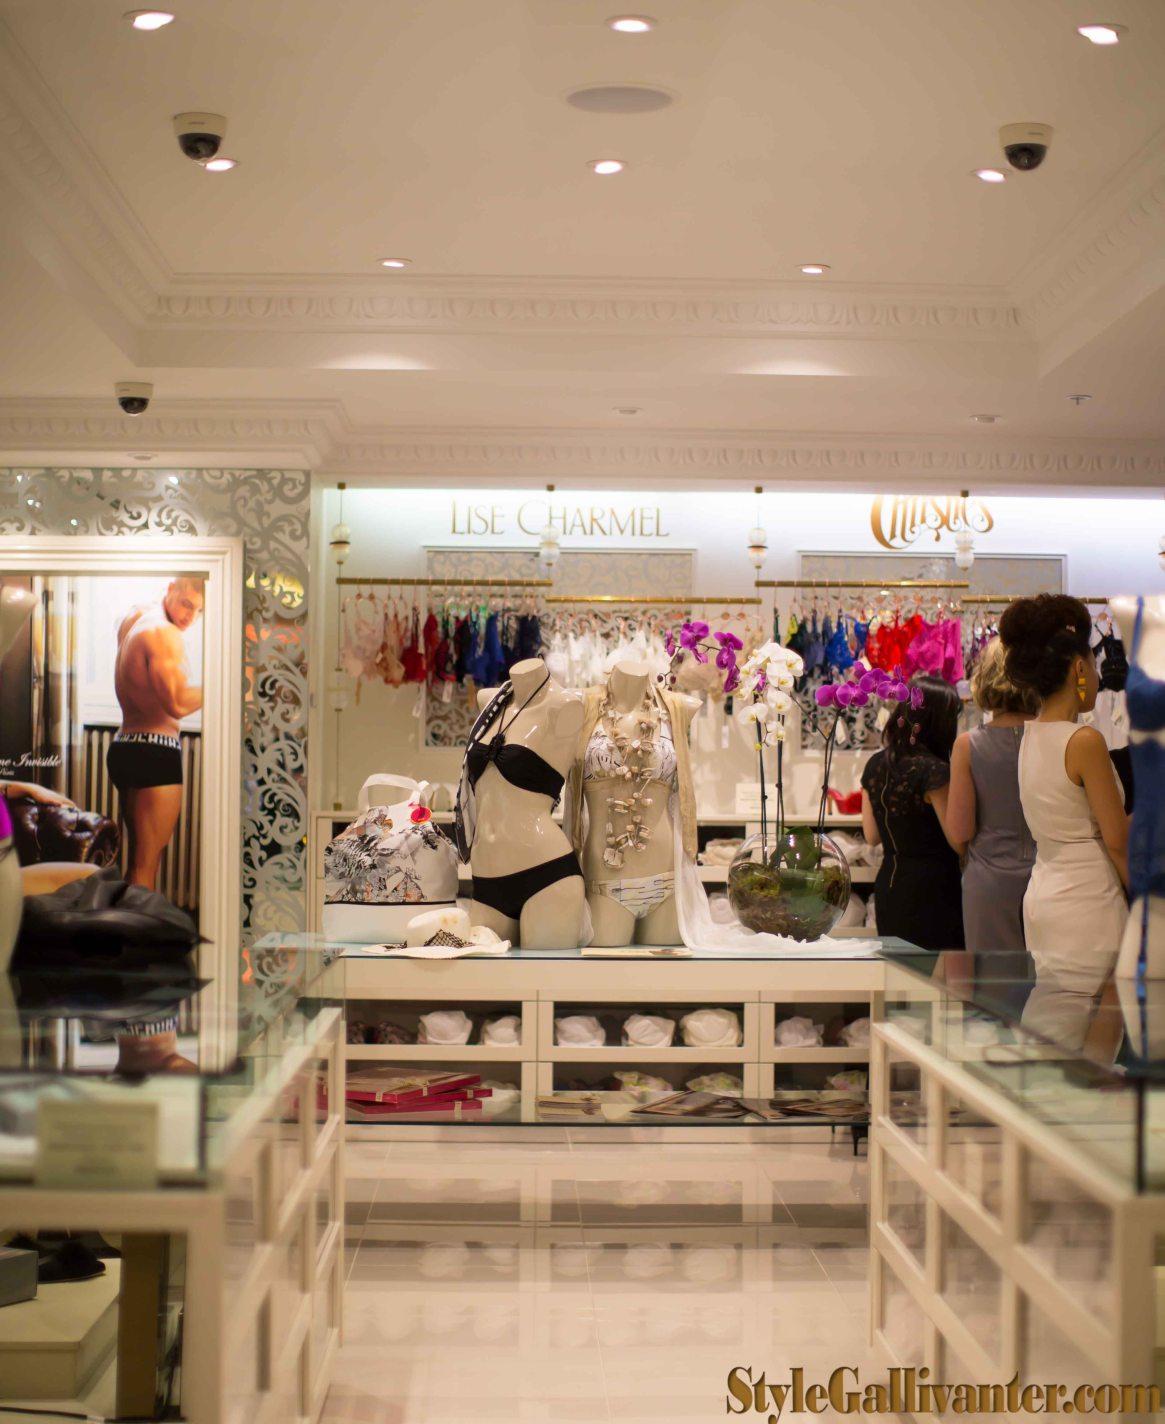 beautiful-lingerie-stores-melbourne_IM-Lingerie_im-lingerie-crown-launch_best-bloggers-melbourne_best-lingerie-australia_la-perla-melbourne_sexy-classy-lingerie-melbourne_crown-melbourne-store-launch_exclusive-events-melbourne-6